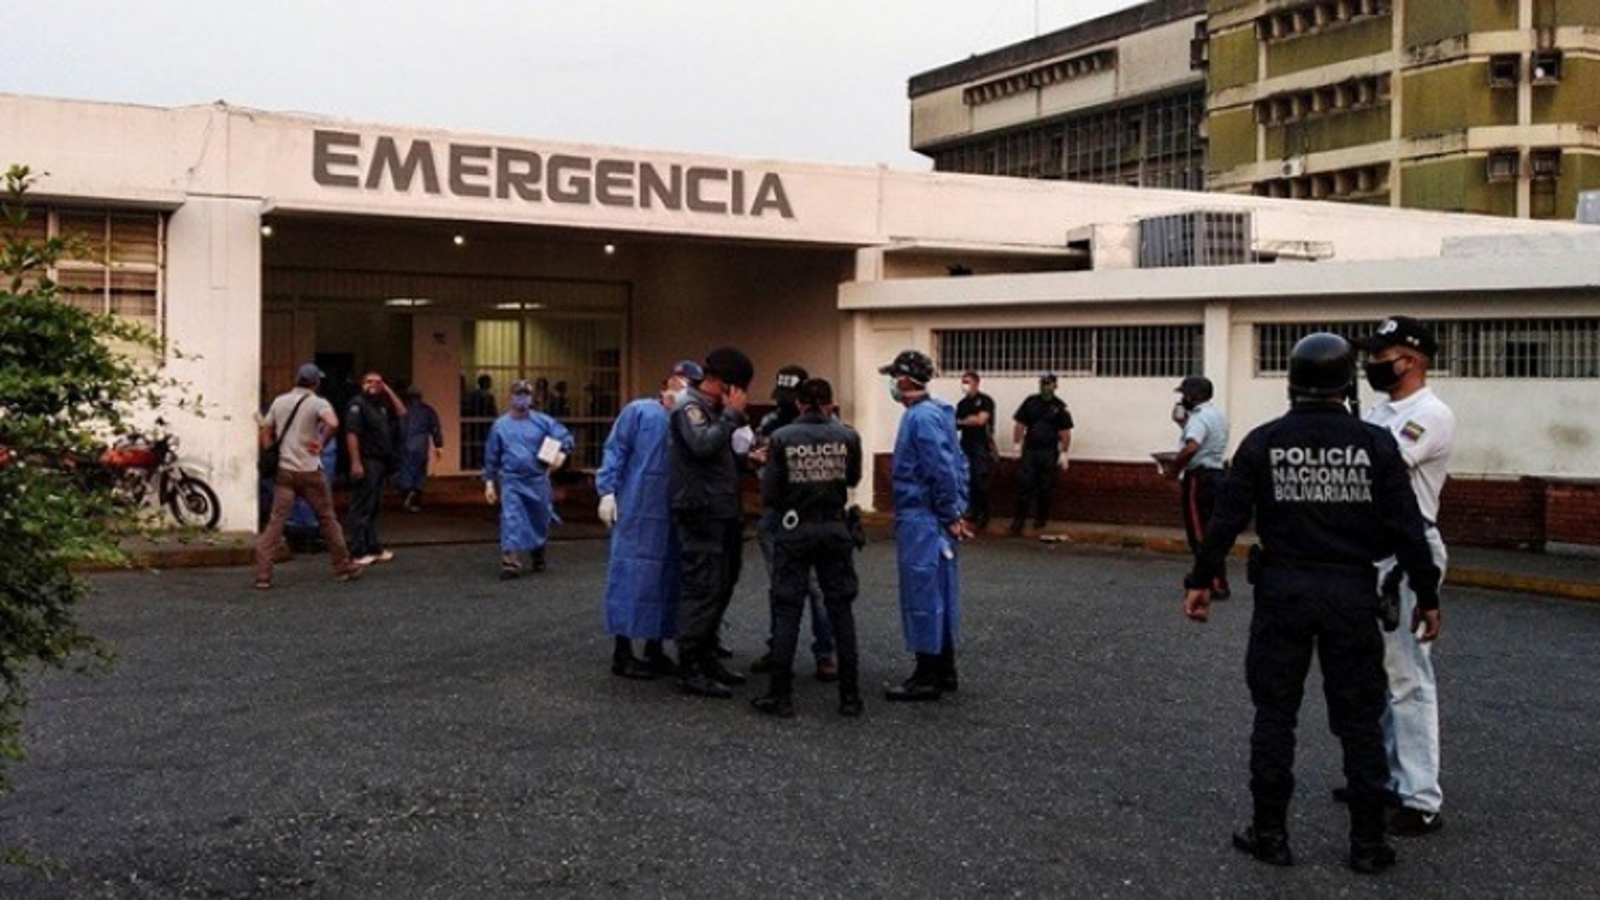 Bạo loạn tại nhà tù ở Venezuela khiến hơn 40 người thiệt mạng